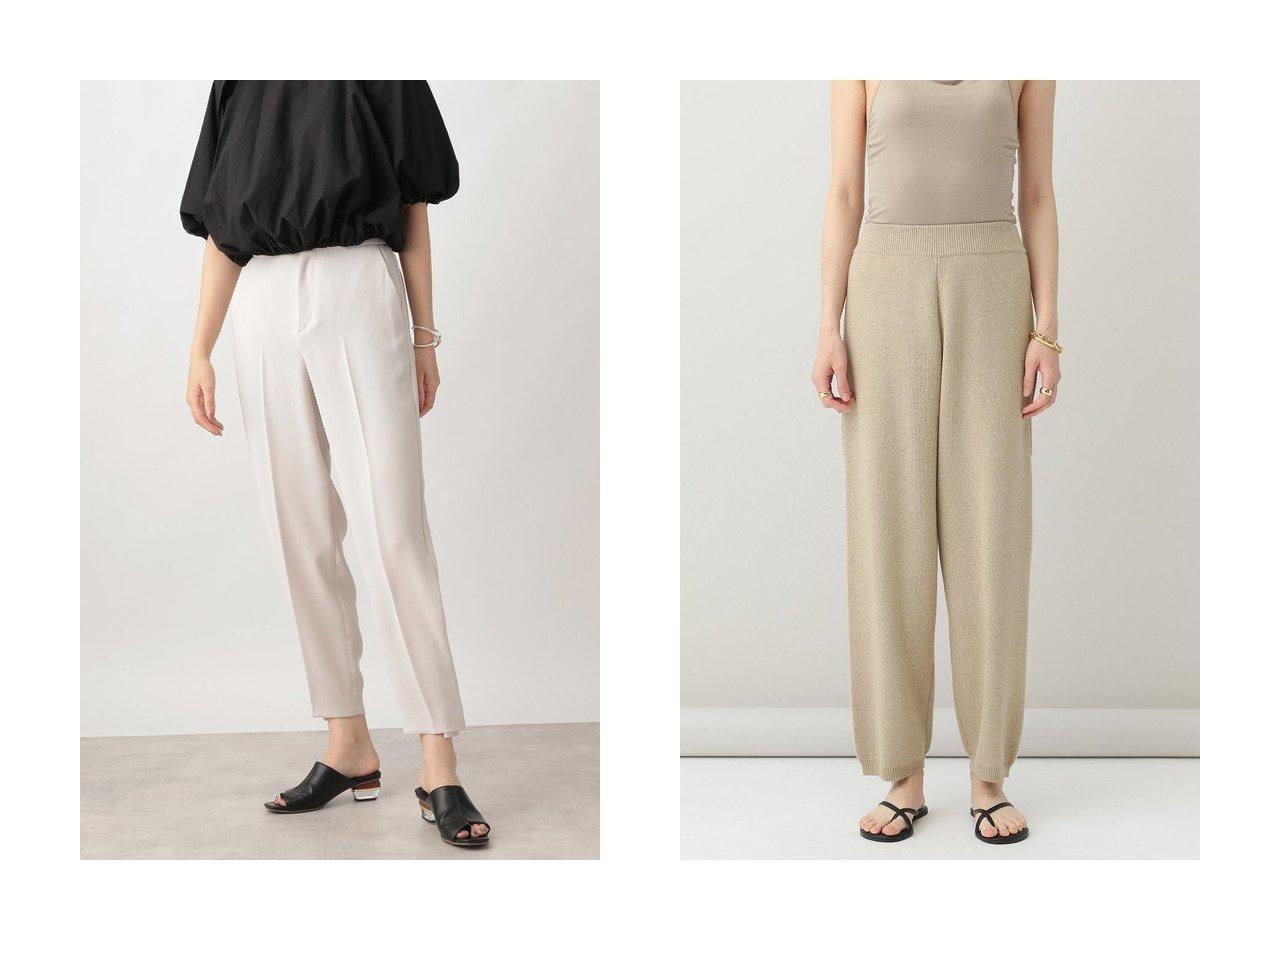 【Ezick/エジック】の裾ボタンパンツ&【Curensology/カレンソロジー】のシュエットニットパンツ 【パンツ】おすすめ!人気、トレンド・レディースファッションの通販 おすすめで人気の流行・トレンド、ファッションの通販商品 インテリア・家具・メンズファッション・キッズファッション・レディースファッション・服の通販 founy(ファニー) https://founy.com/ ファッション Fashion レディースファッション WOMEN パンツ Pants 2020年 2020 2020-2021秋冬・A/W AW・Autumn/Winter・FW・Fall-Winter/2020-2021 2021年 2021 2021-2022秋冬・A/W AW・Autumn/Winter・FW・Fall-Winter・2021-2022 A/W・秋冬 AW・Autumn/Winter・FW・Fall-Winter ストレッチ ダブル プリント リラックス おすすめ Recommend カーディガン セットアップ ベスト ロング 今季 |ID:crp329100000059677